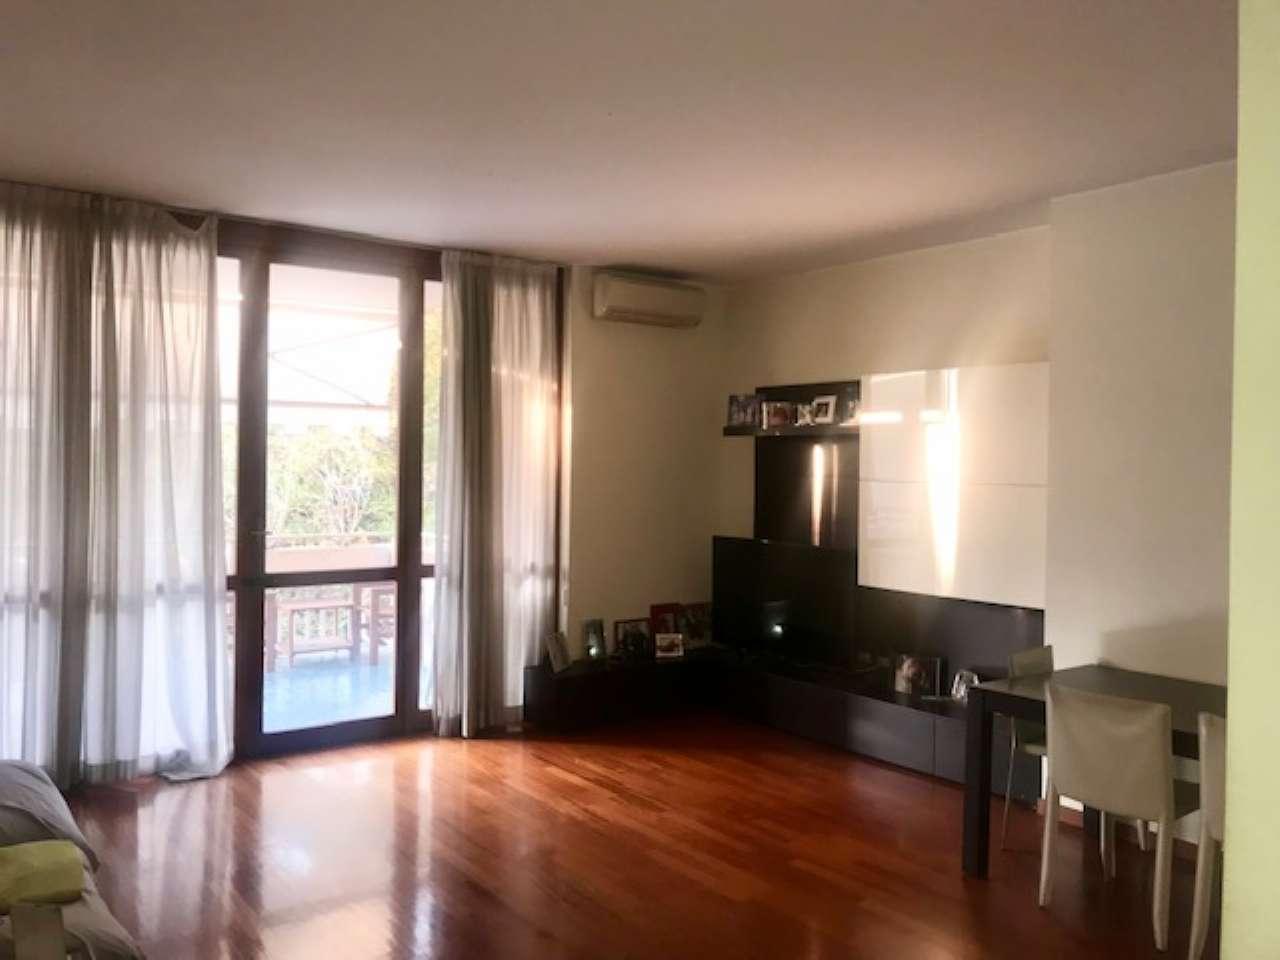 Appartamento in vendita a Segrate, 4 locali, prezzo € 500.000 | PortaleAgenzieImmobiliari.it